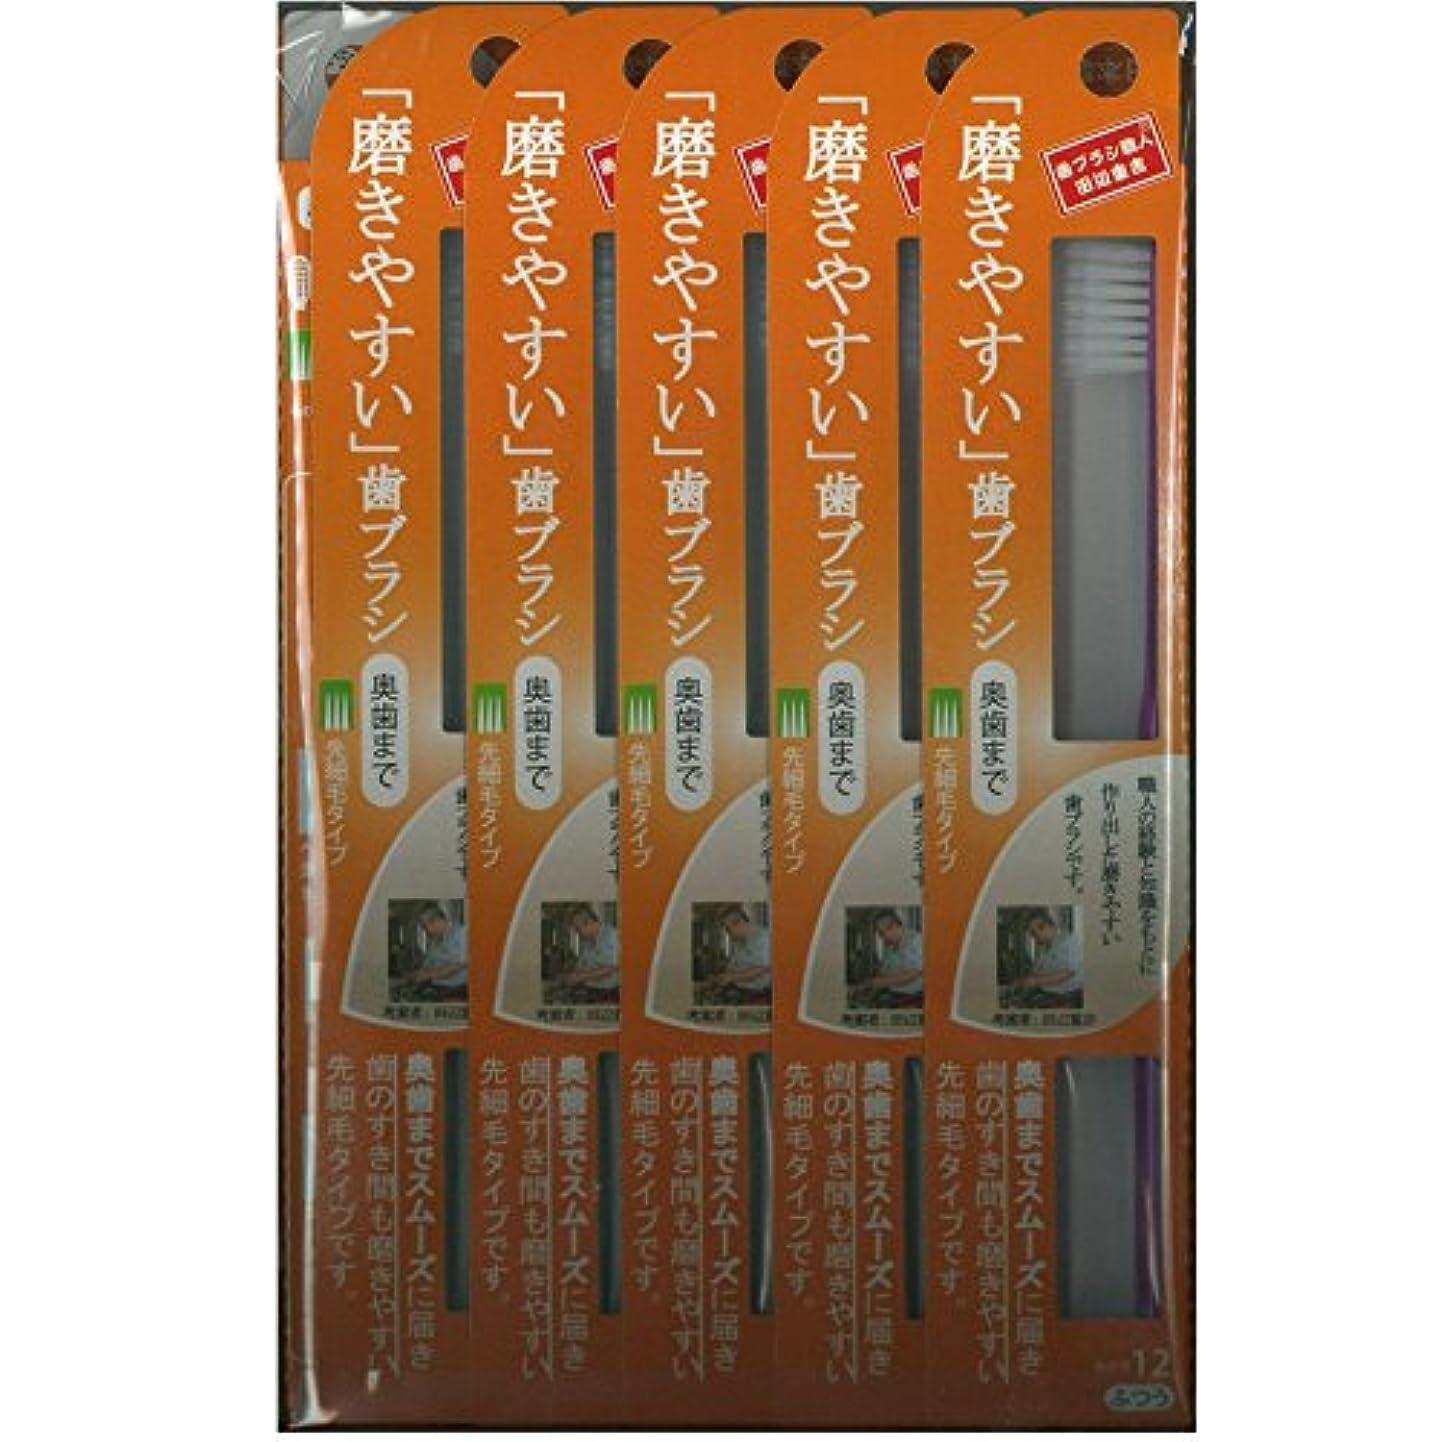 前文分酸度磨きやすい歯ブラシ(奥歯まで)先細 LT-12×12本セット( ピンク×4本、ブルー×4本、グリーン×2本、パープル×2本)